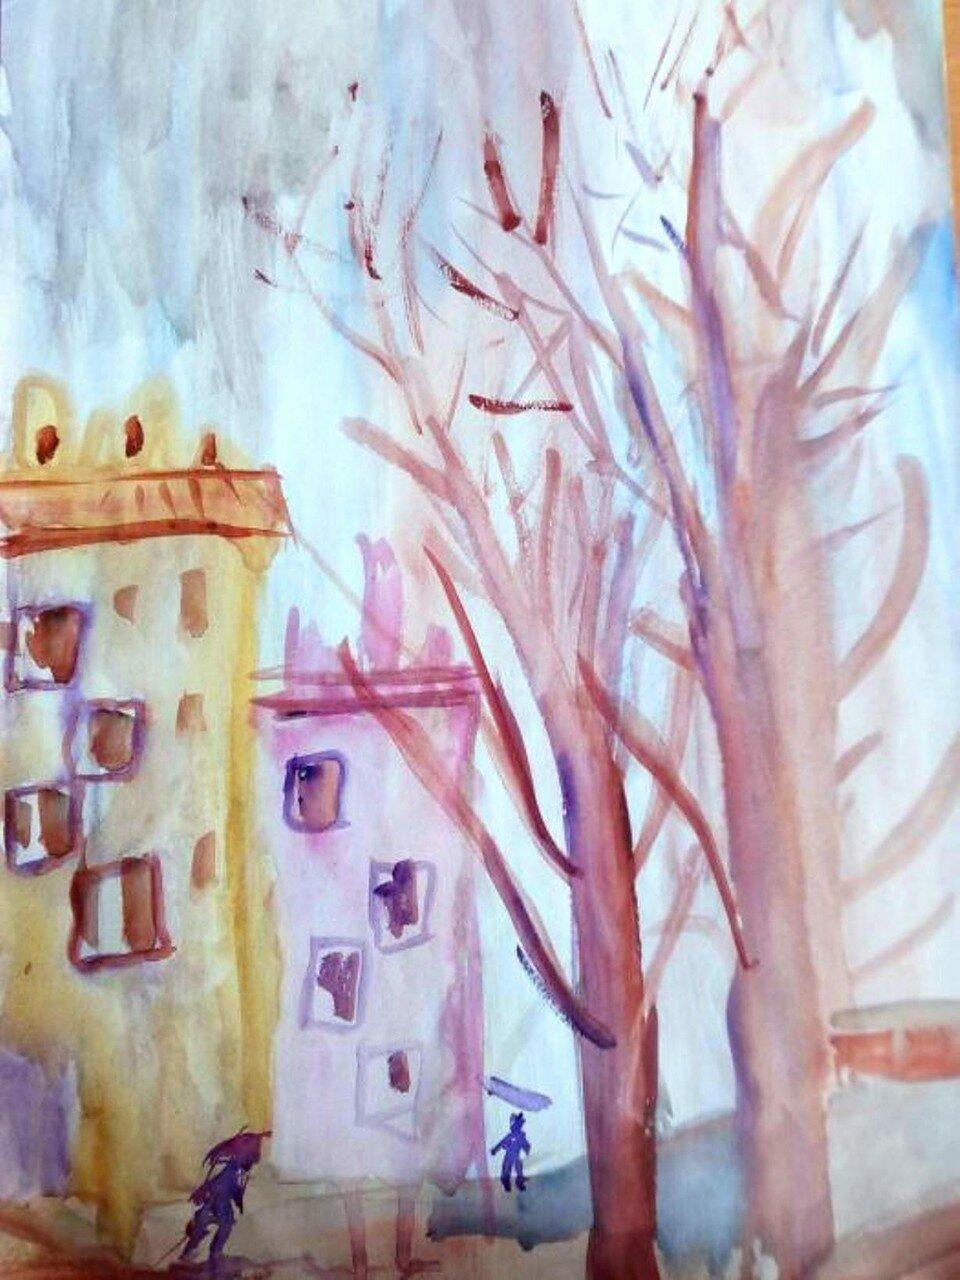 Наступление весны - Якушева Юлия, 11 лет, Тема -- Рисунок, г. Волжский.jpg